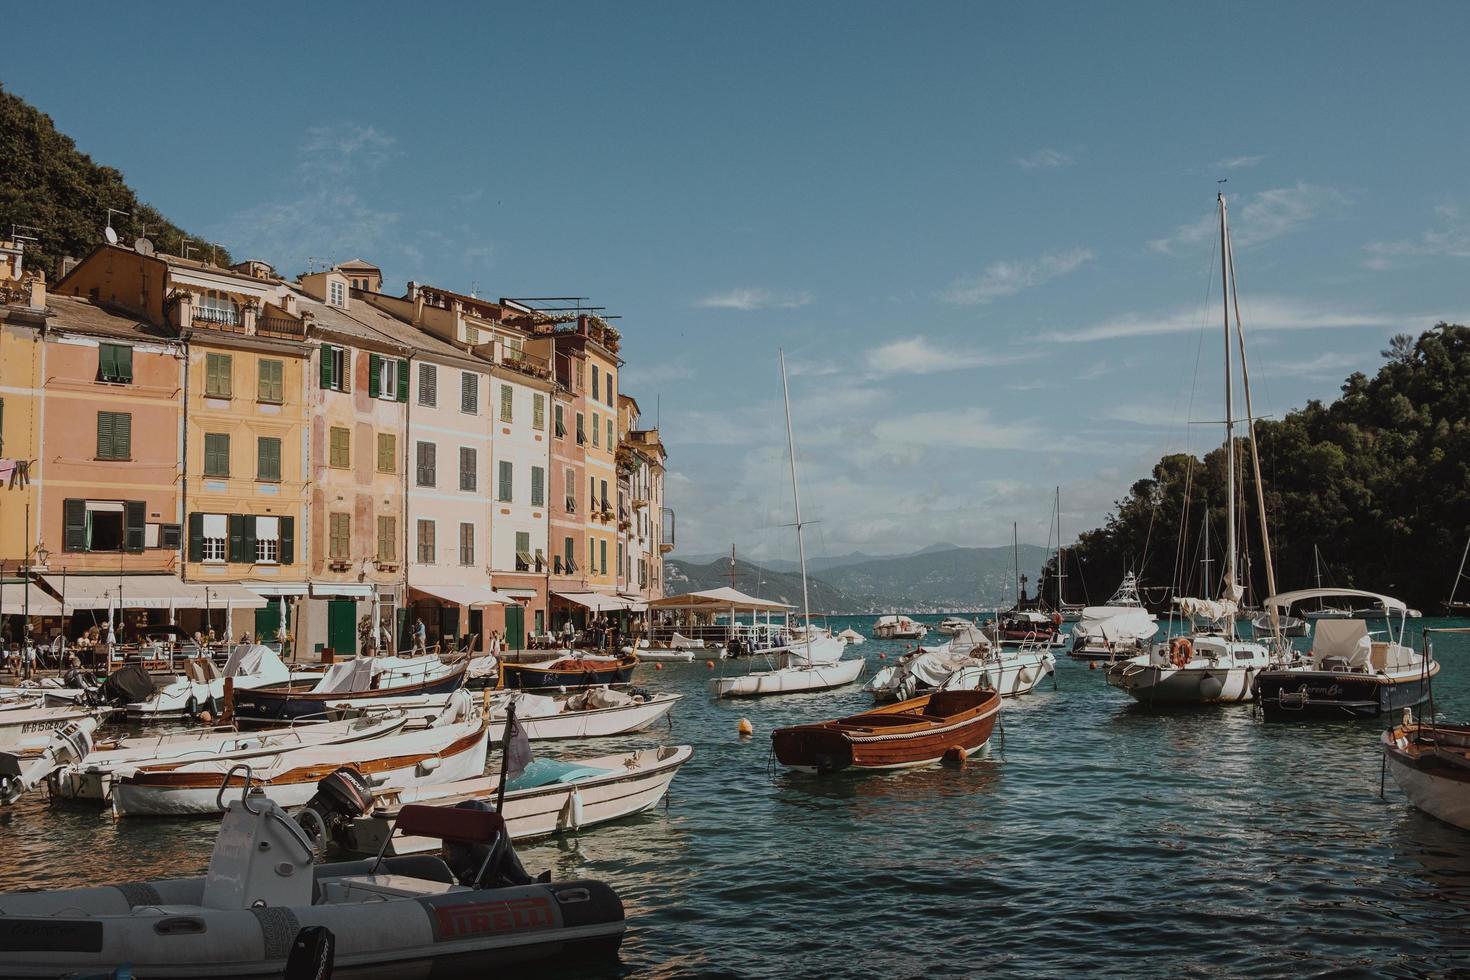 Marina di Portofino, Italien, 2020 - Boote in Marina angedockt foto